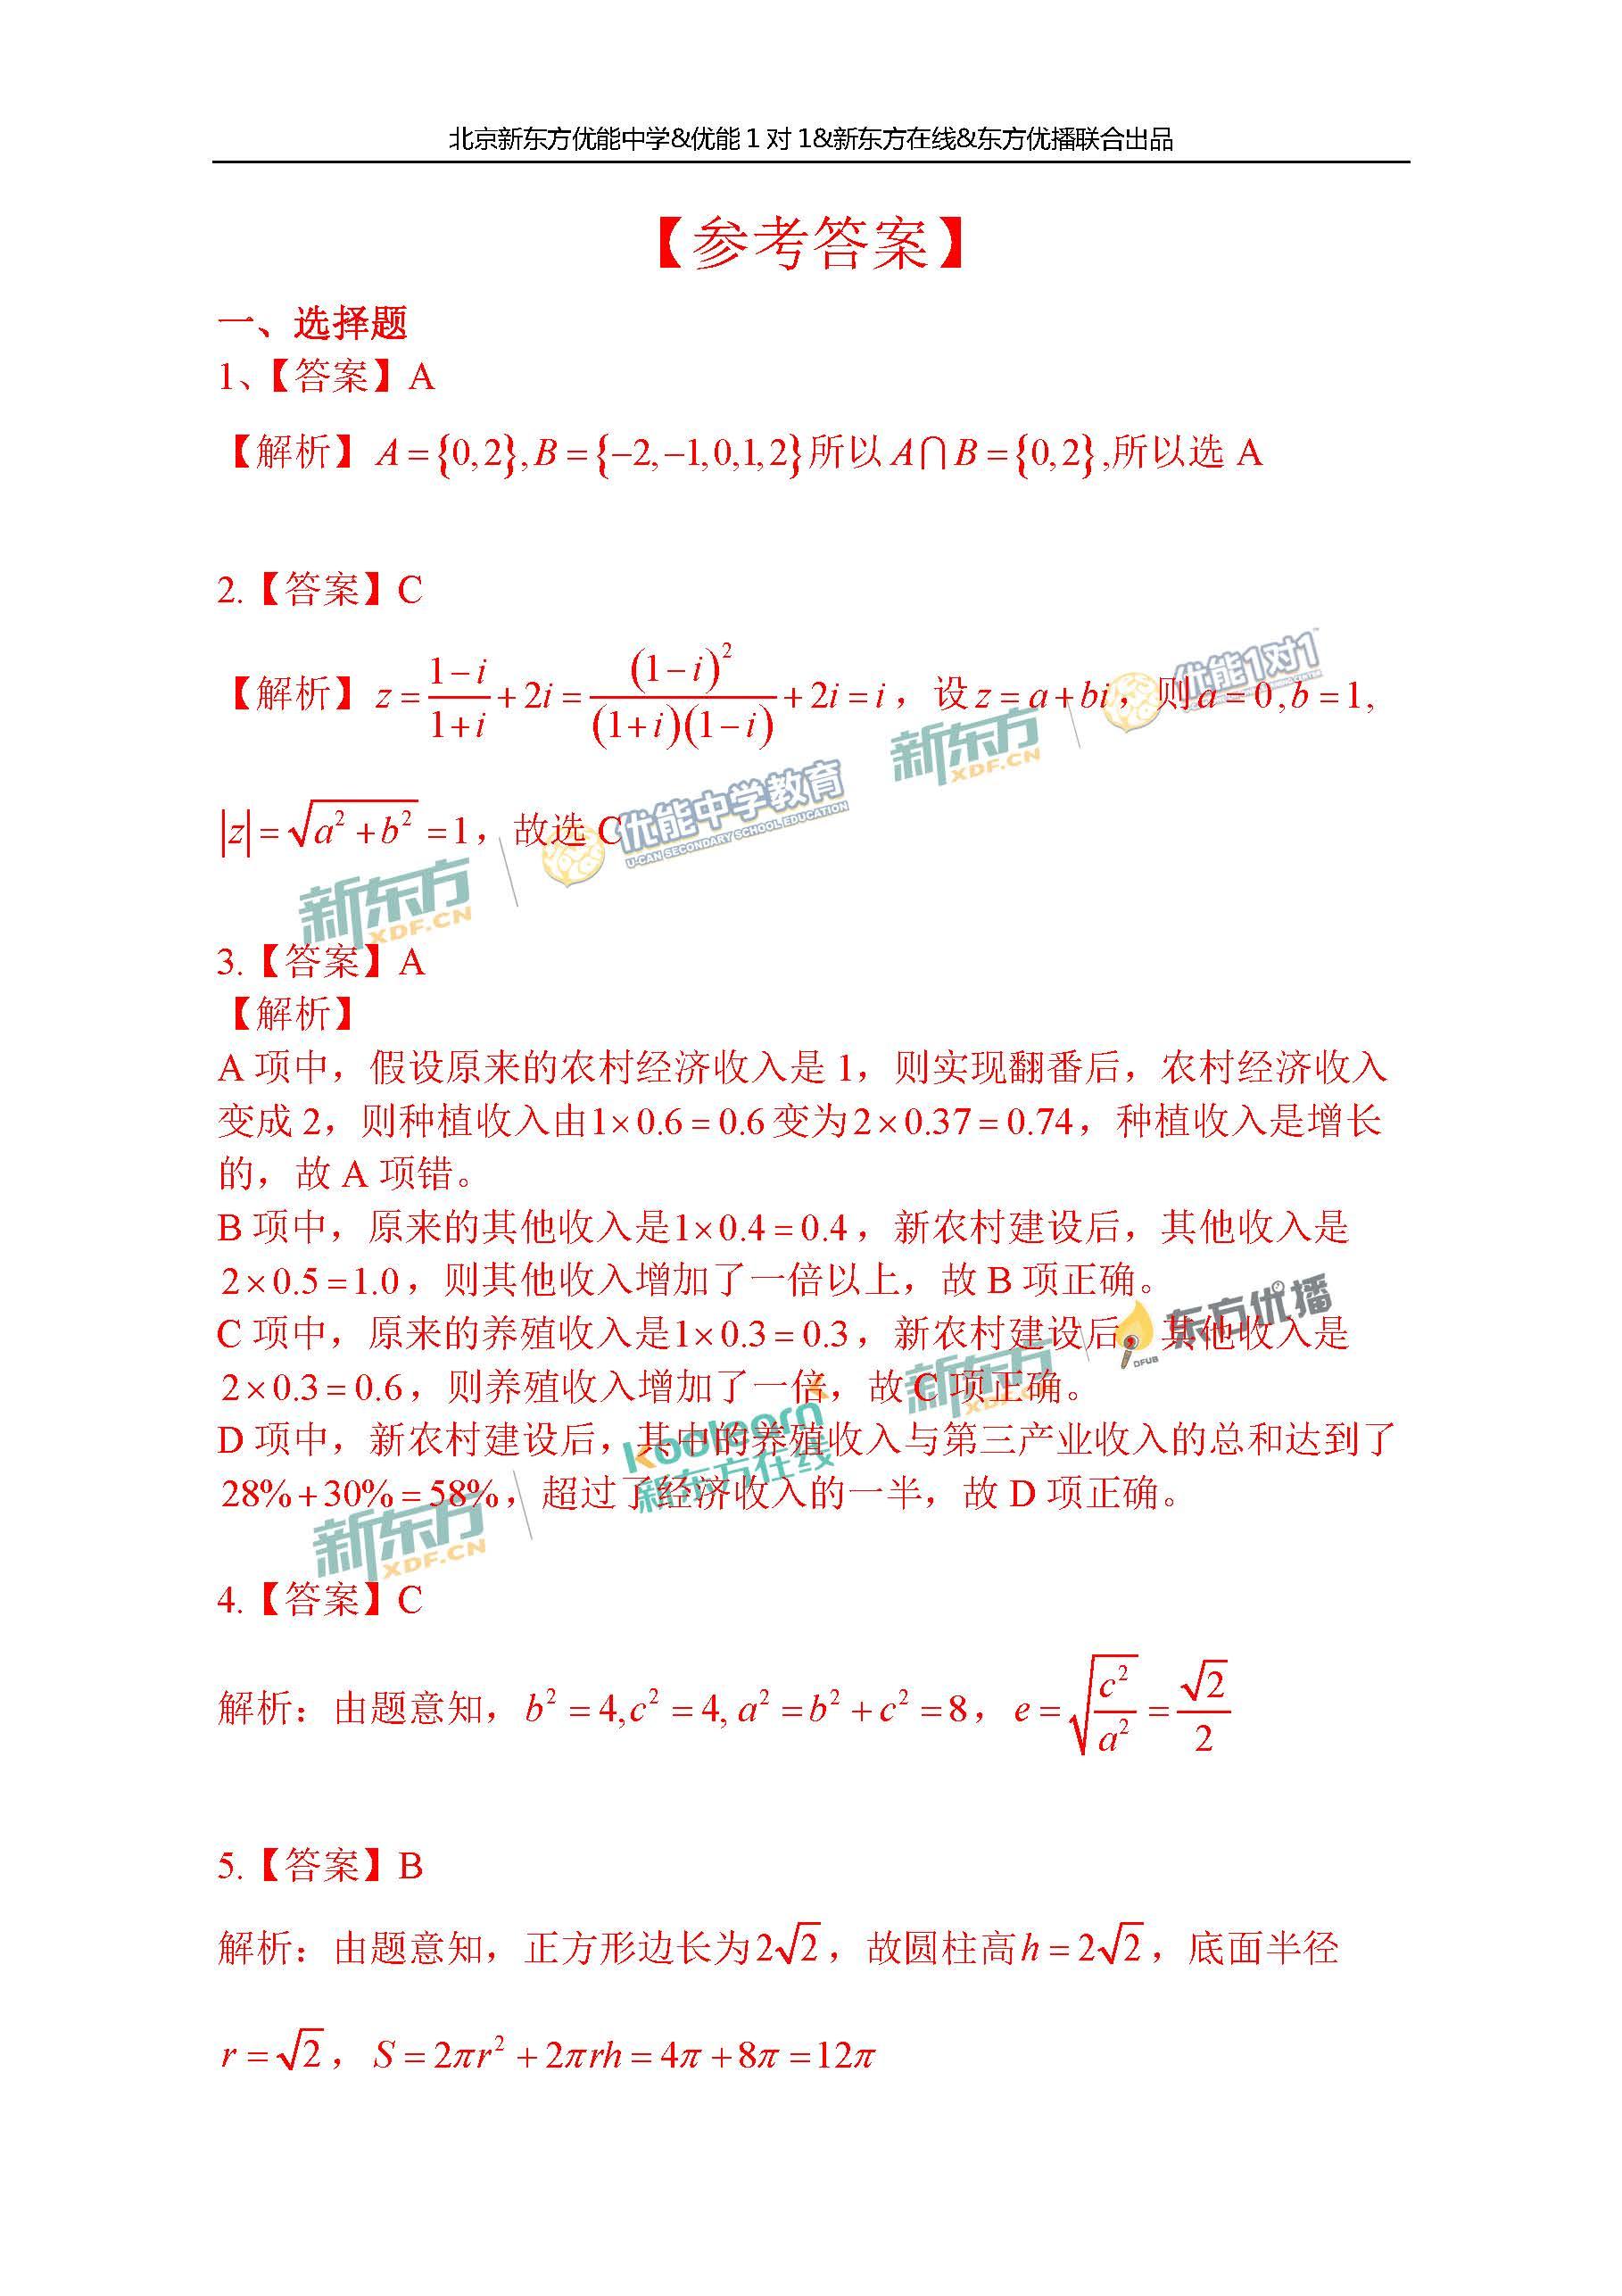 2018全国卷1高考数学文简版答案(北京新东方)